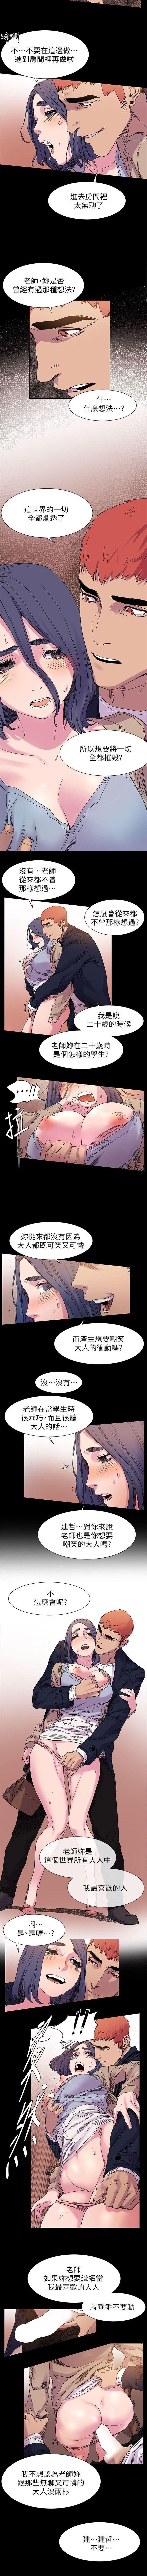 衝突 1-100官方中文(連載中) 87